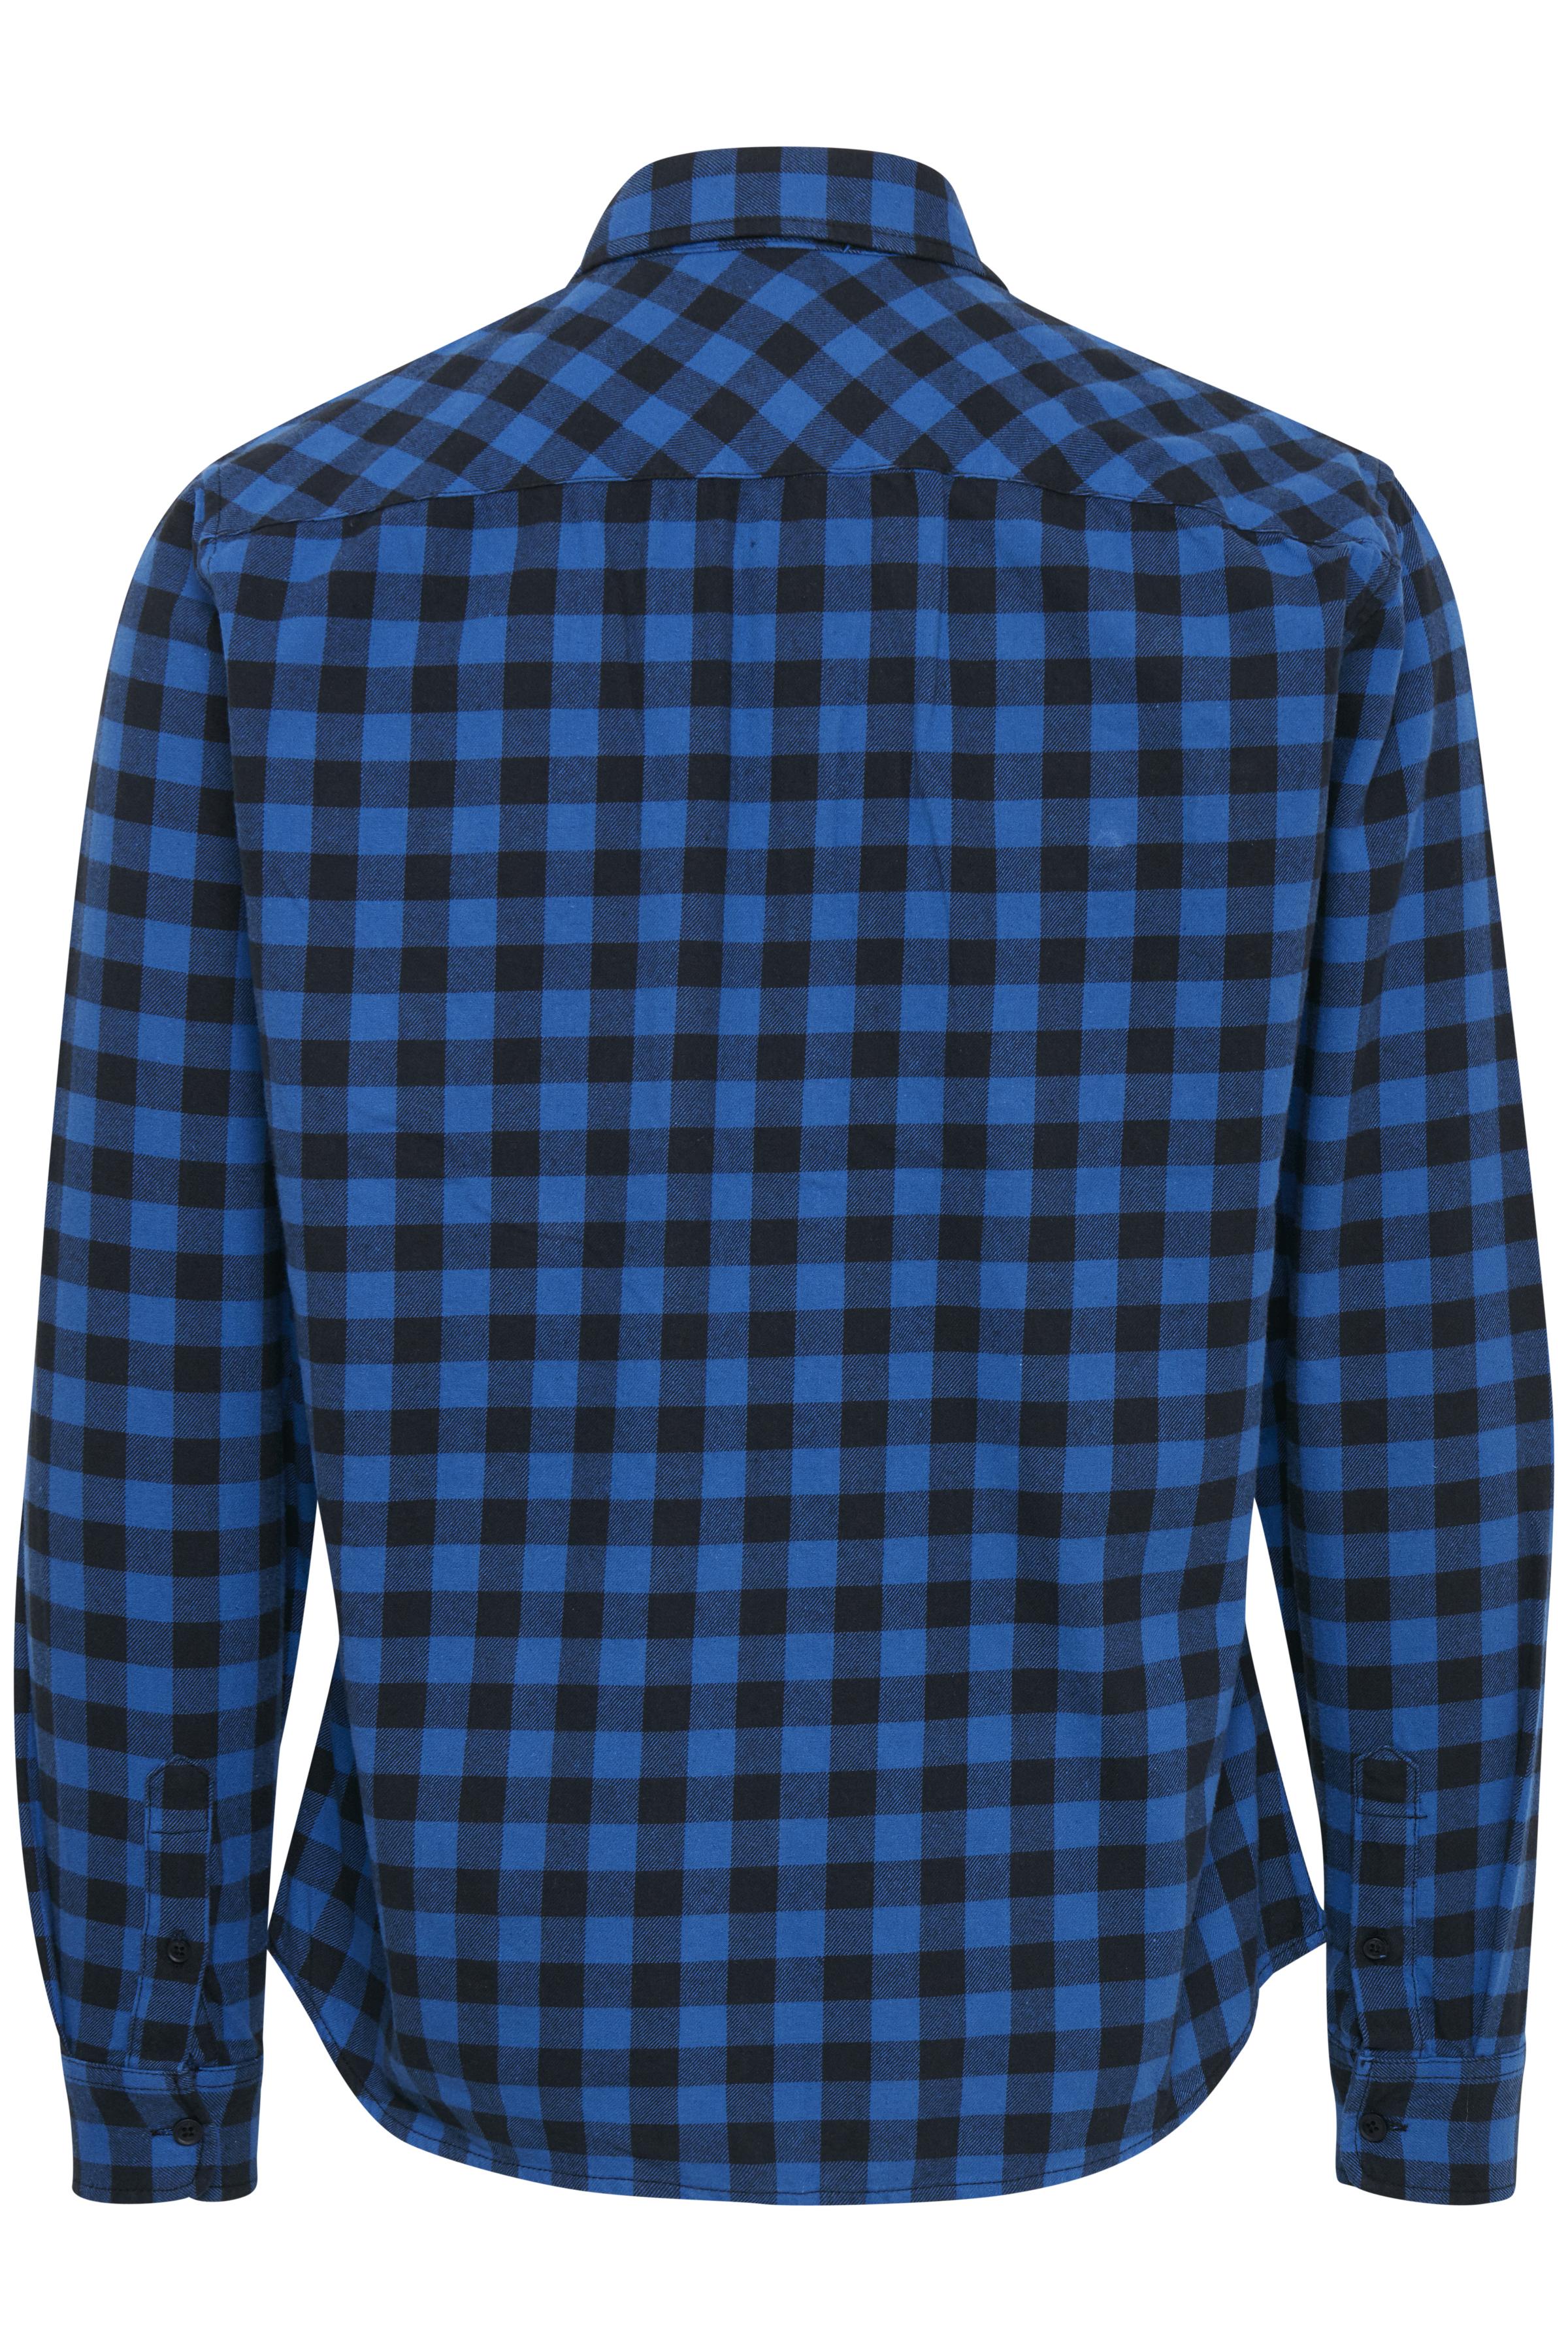 Electric Blue Langærmet skjorte – Køb Electric Blue Langærmet skjorte fra str. S-XL her